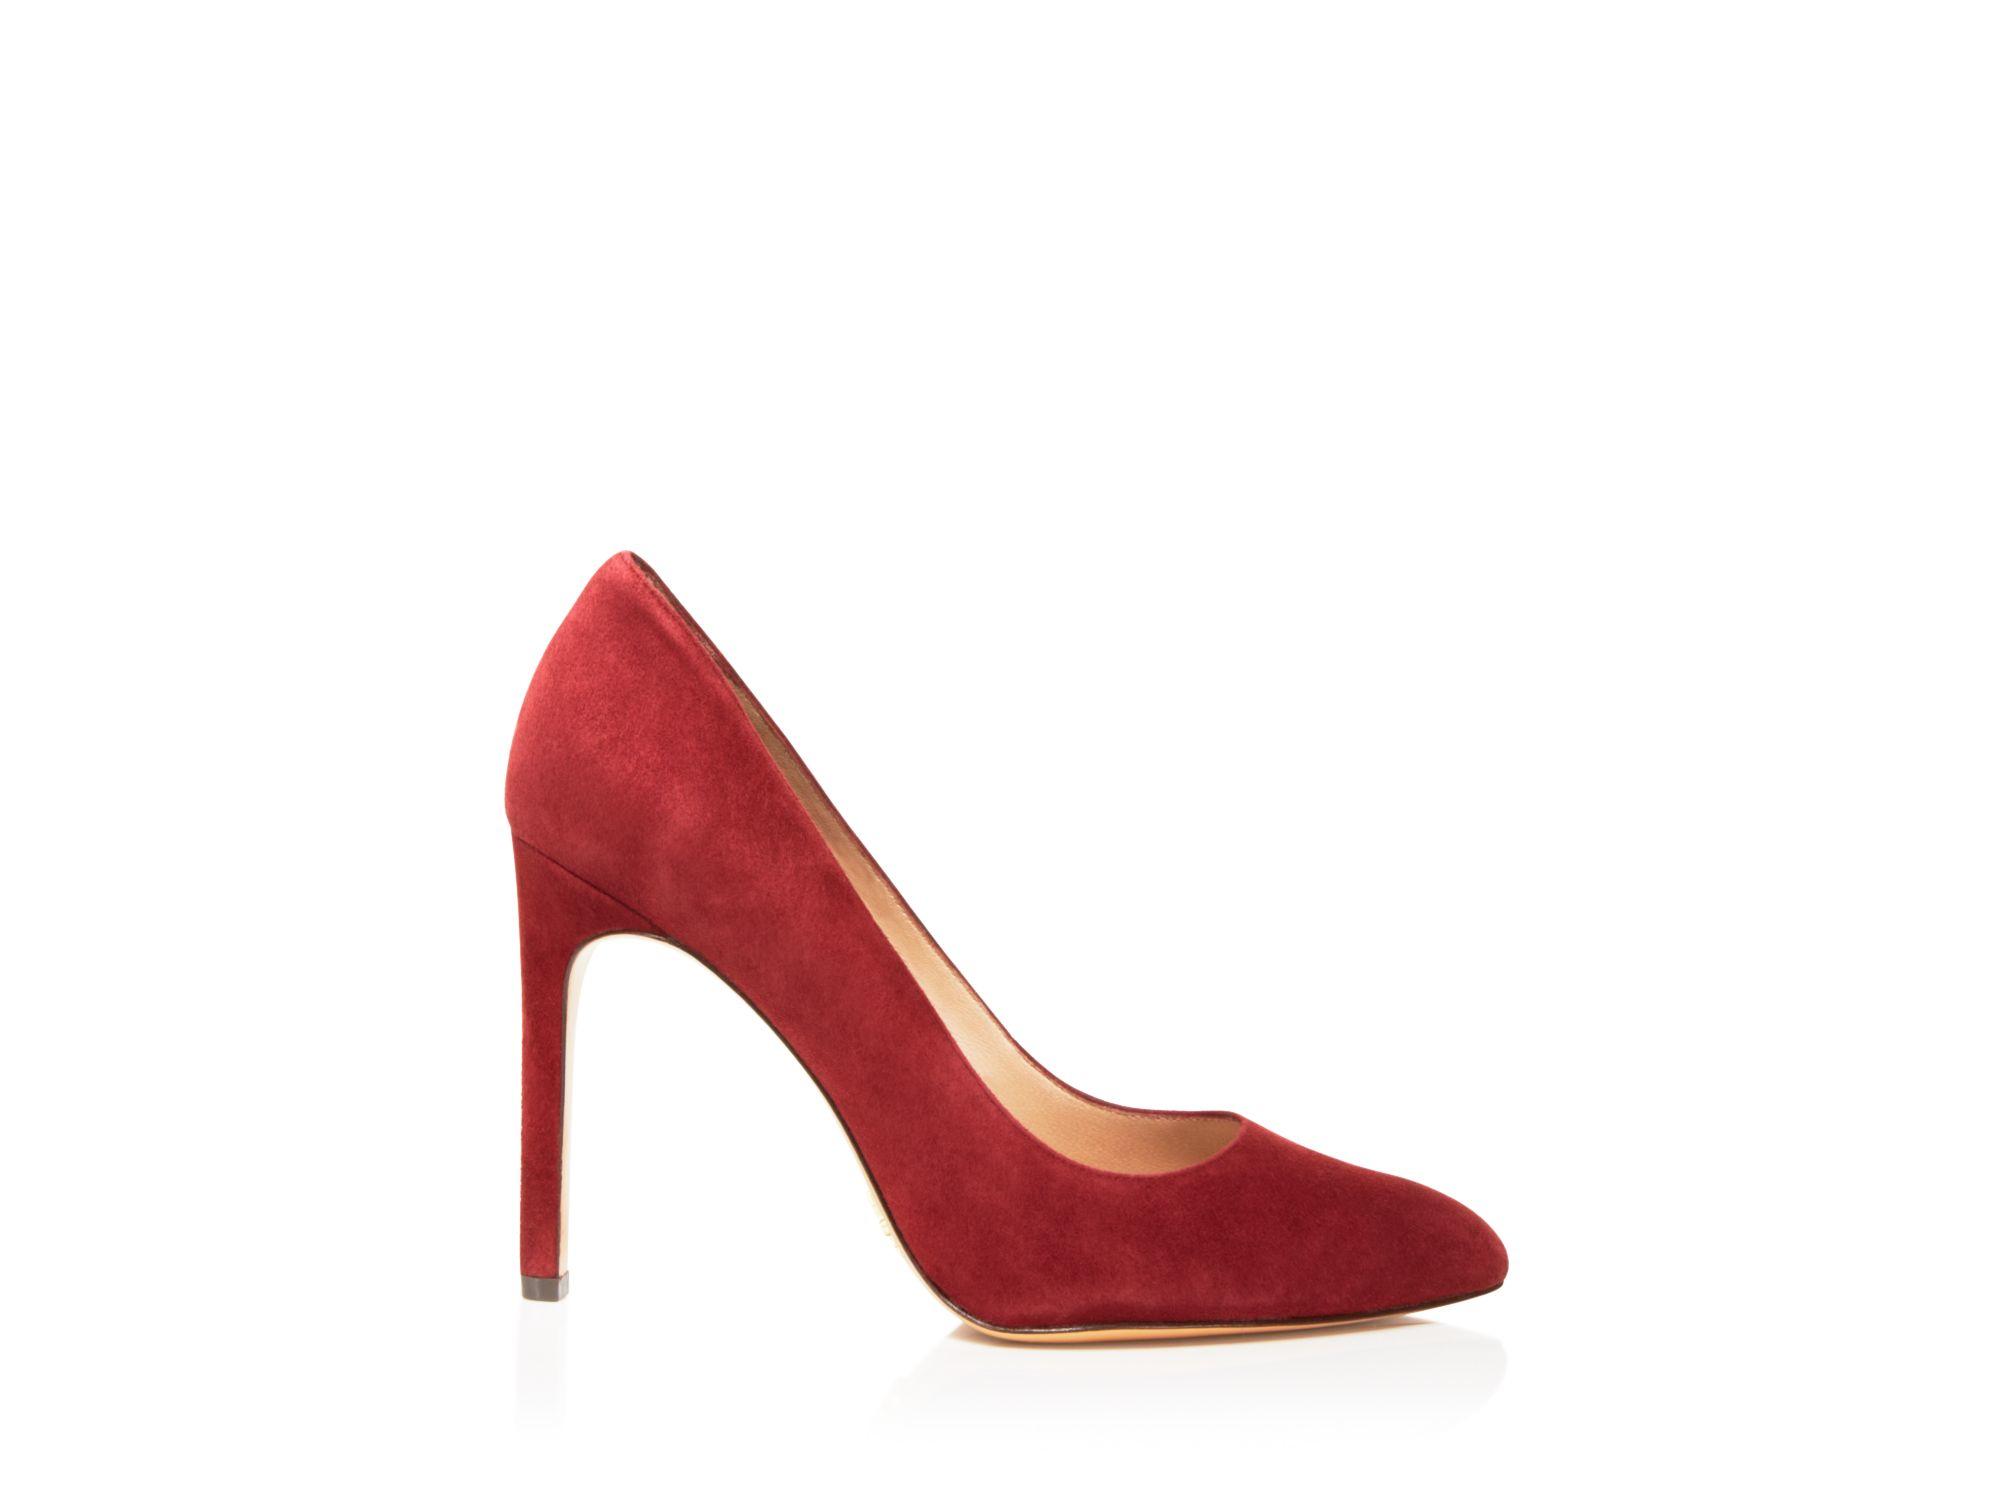 9a364478b0f9b Pour La Victoire Red Pumps - Zoie Pointed Toe